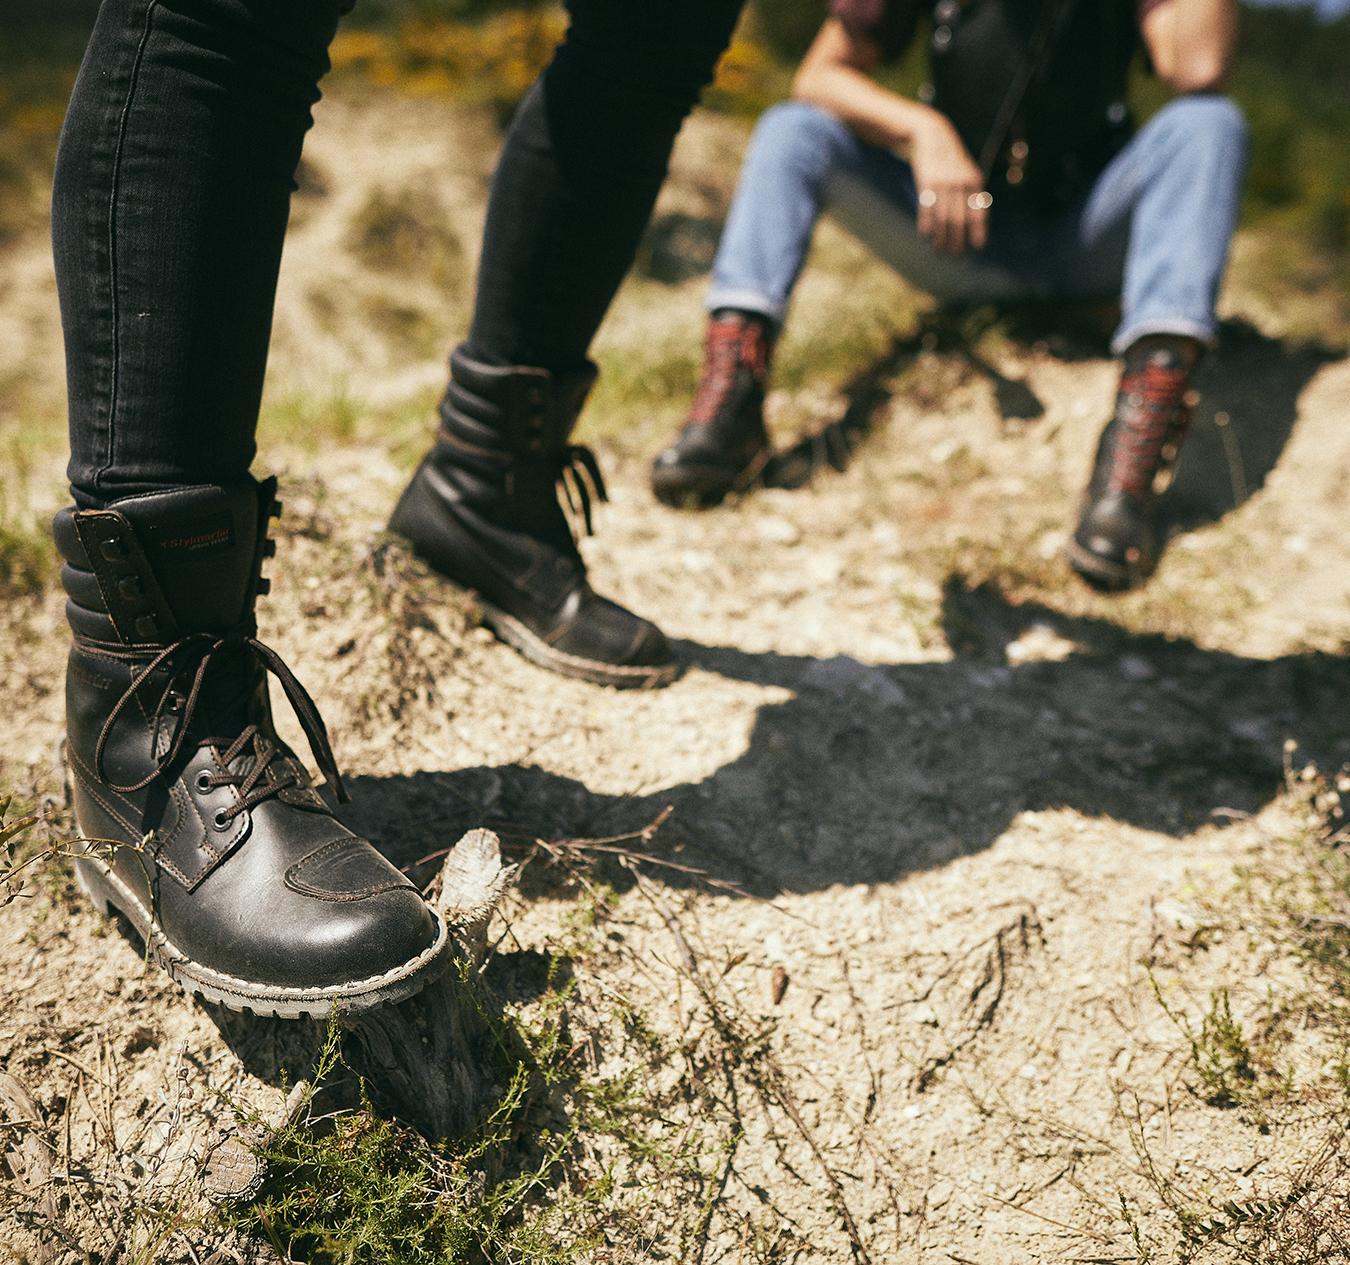 Le migliori calzature da moto: scarpe o stivali?